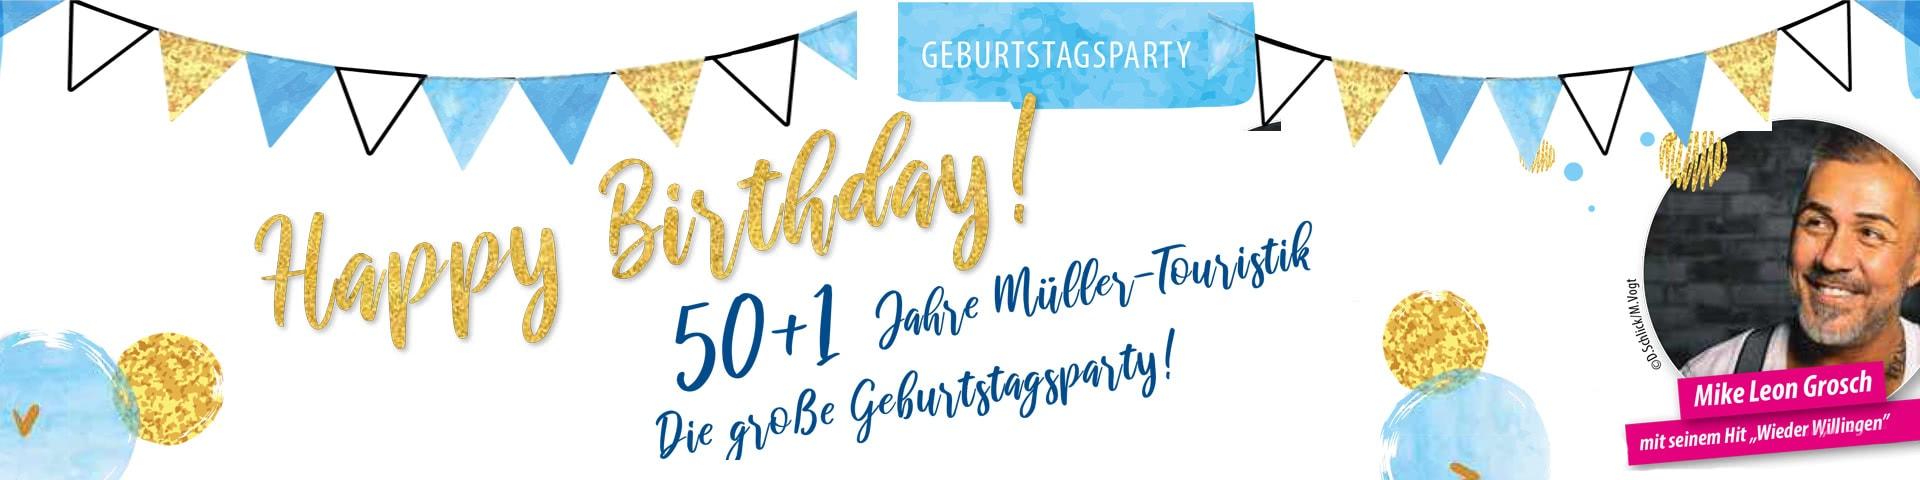 Geburtstagsparty 50+1 Jahre Müller-Touristik in Willingen